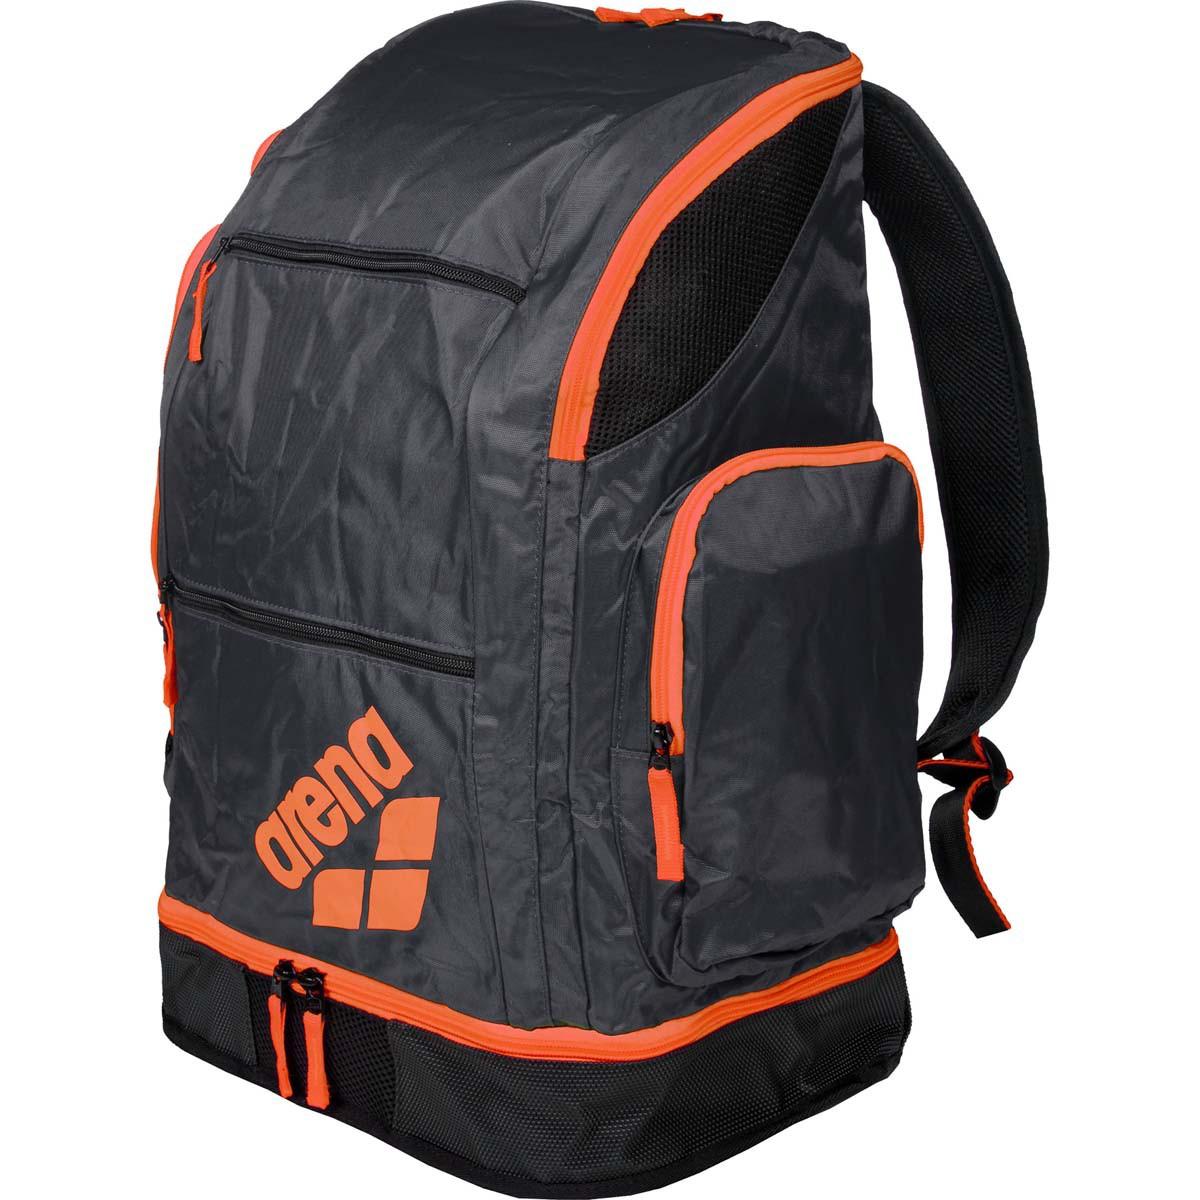 arena spiky 2 large backpack 40 liter rucksack. Black Bedroom Furniture Sets. Home Design Ideas